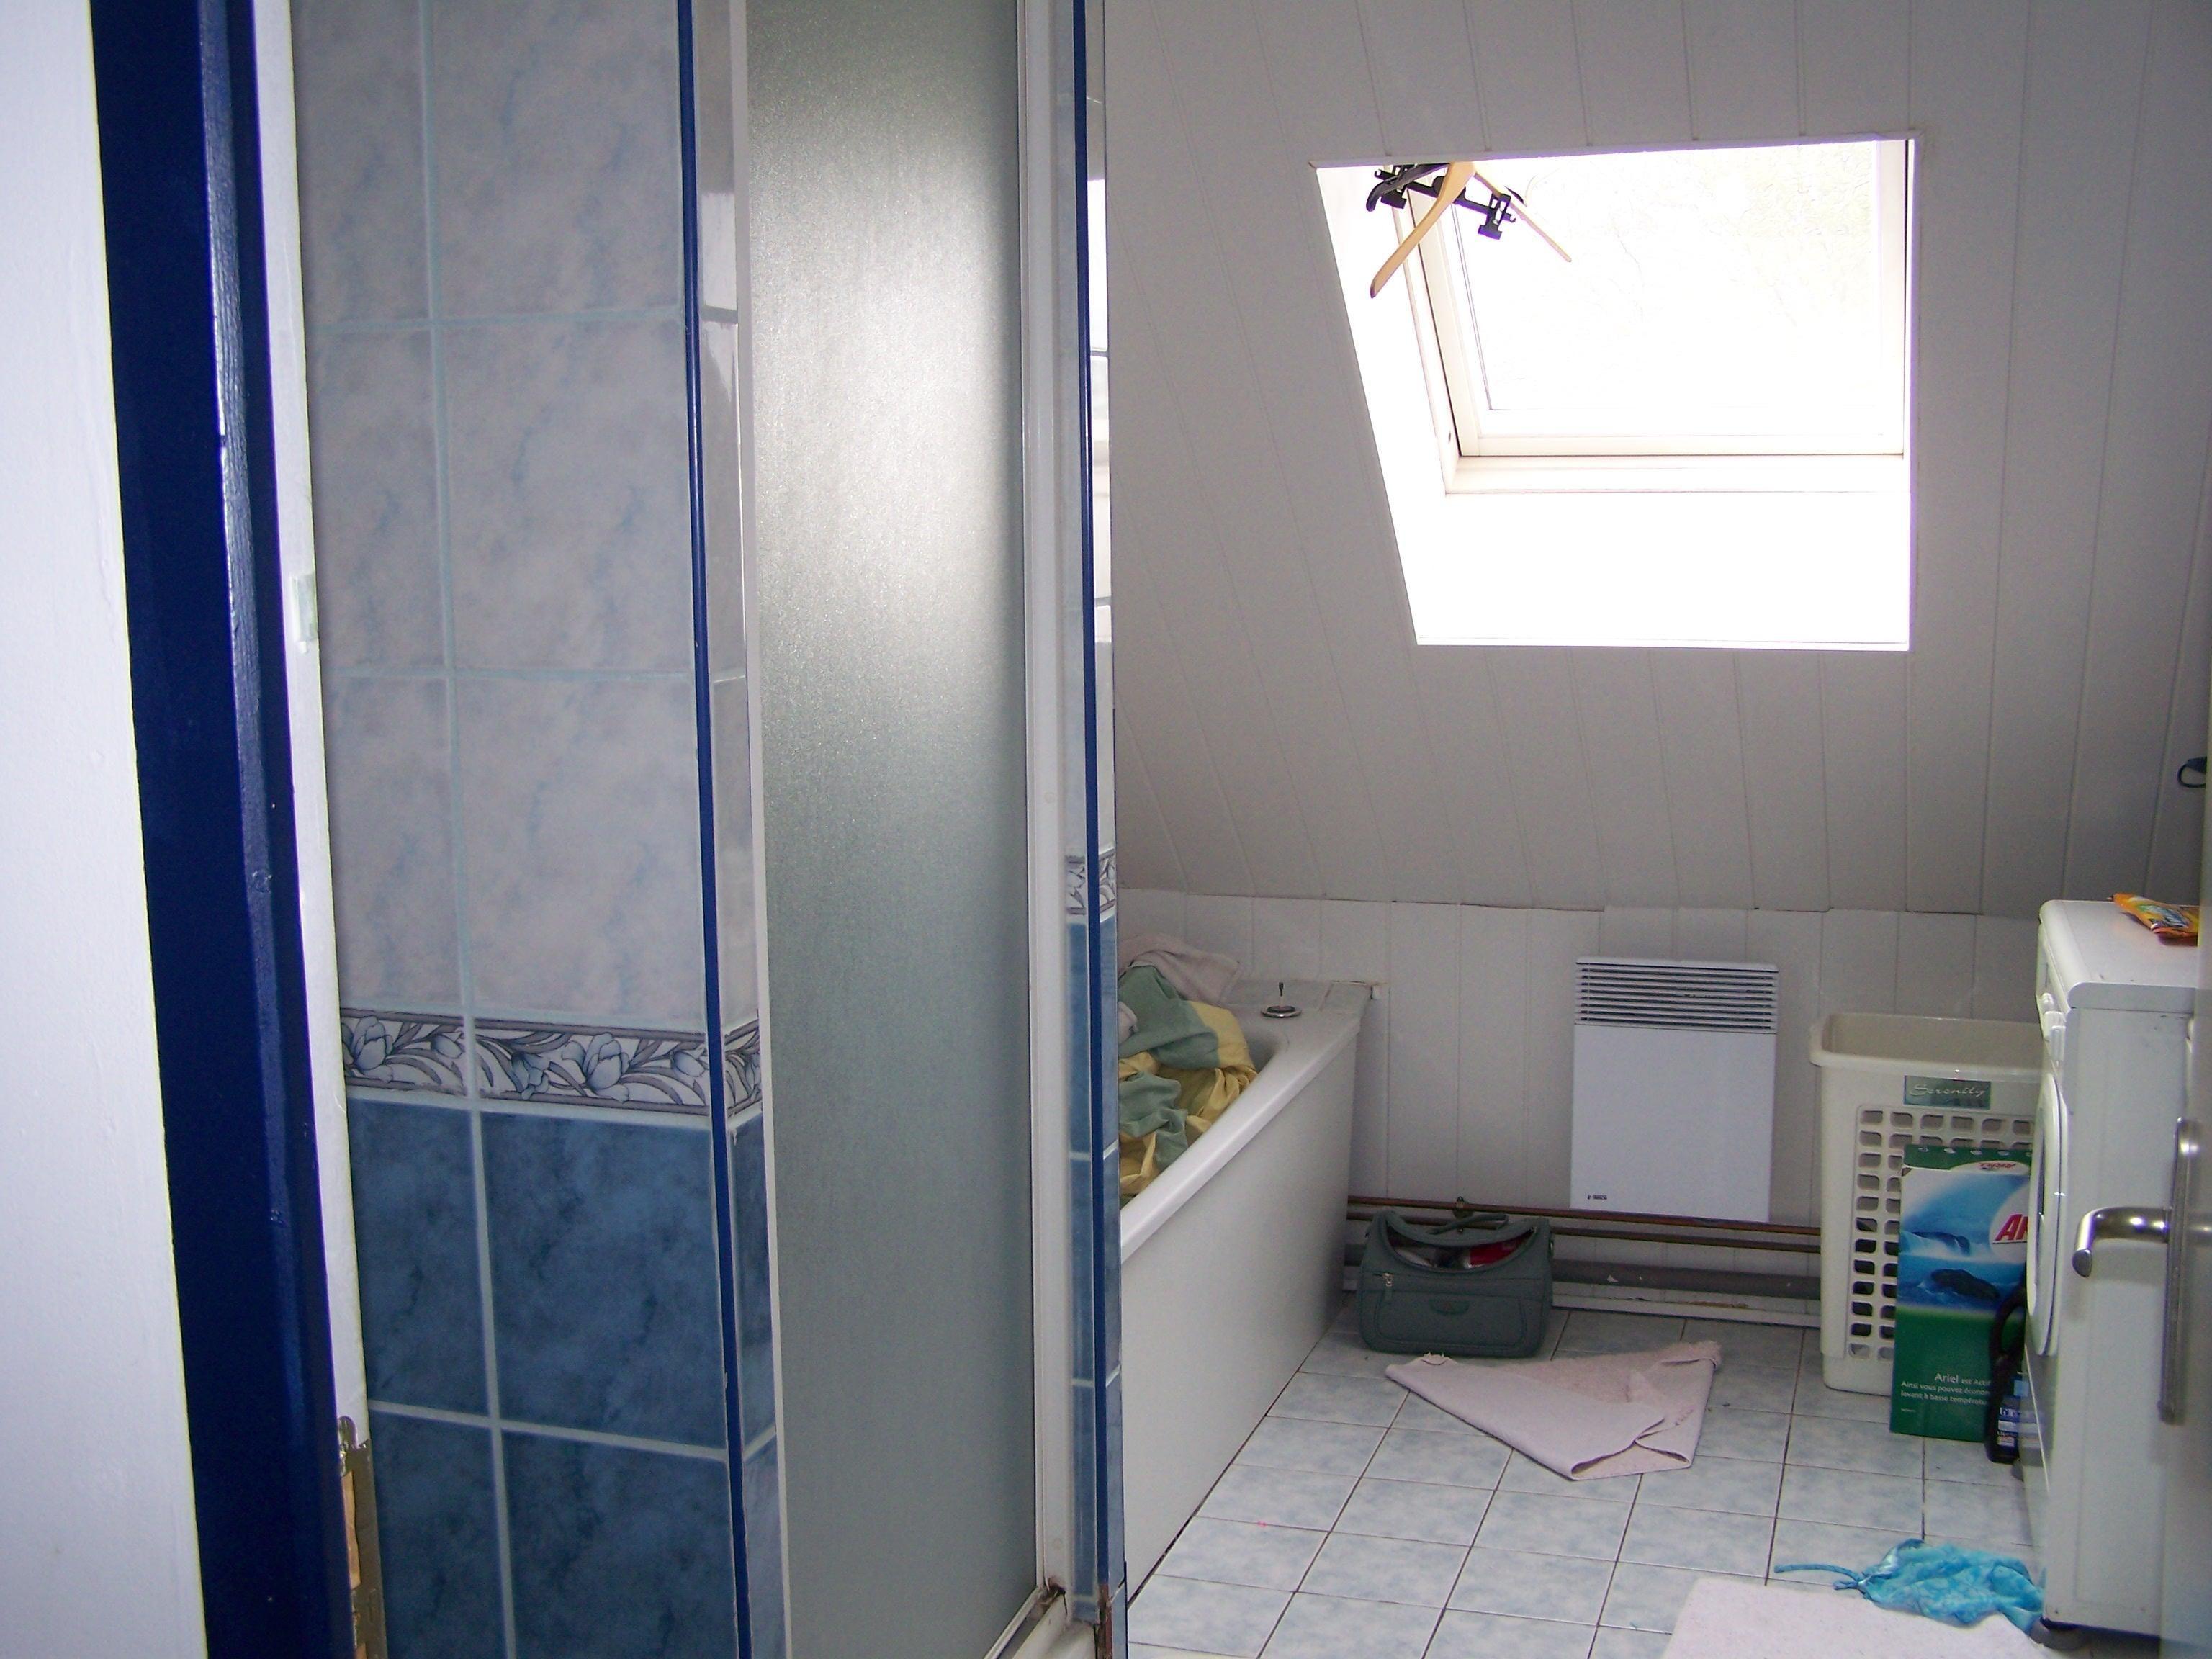 c 39 est fred qui refait sa salle de bain tout seul douche italienne et mure de brique de verre. Black Bedroom Furniture Sets. Home Design Ideas